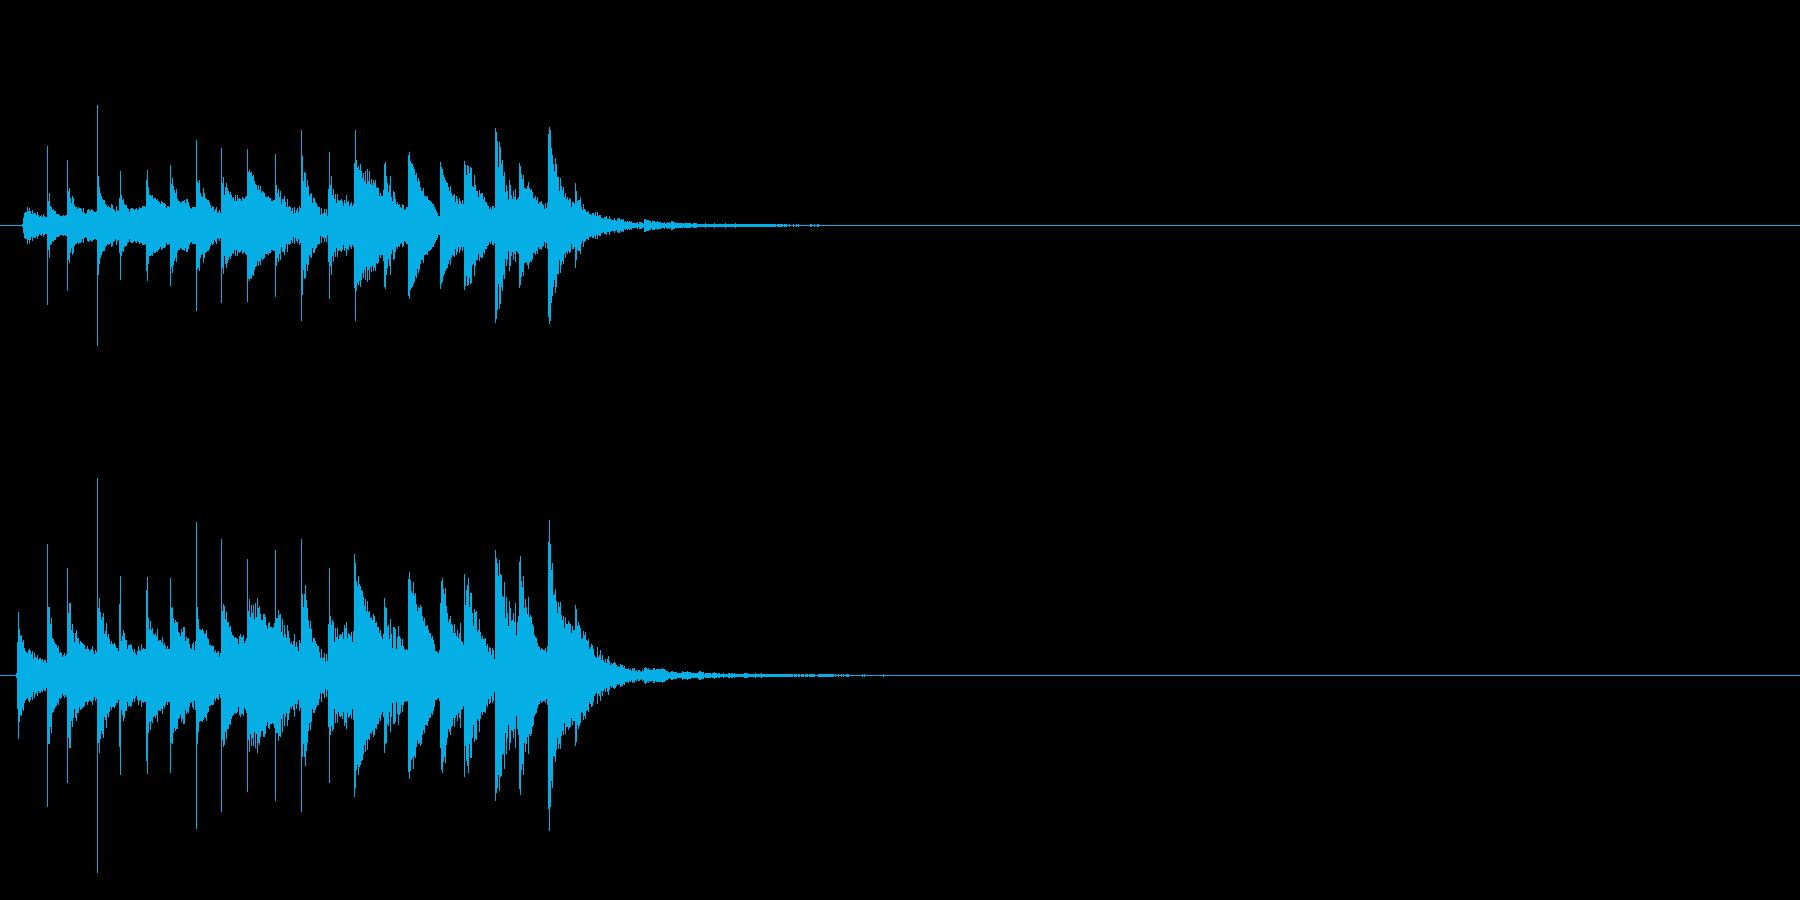 おばけ ちりちりちり(上がる)の再生済みの波形